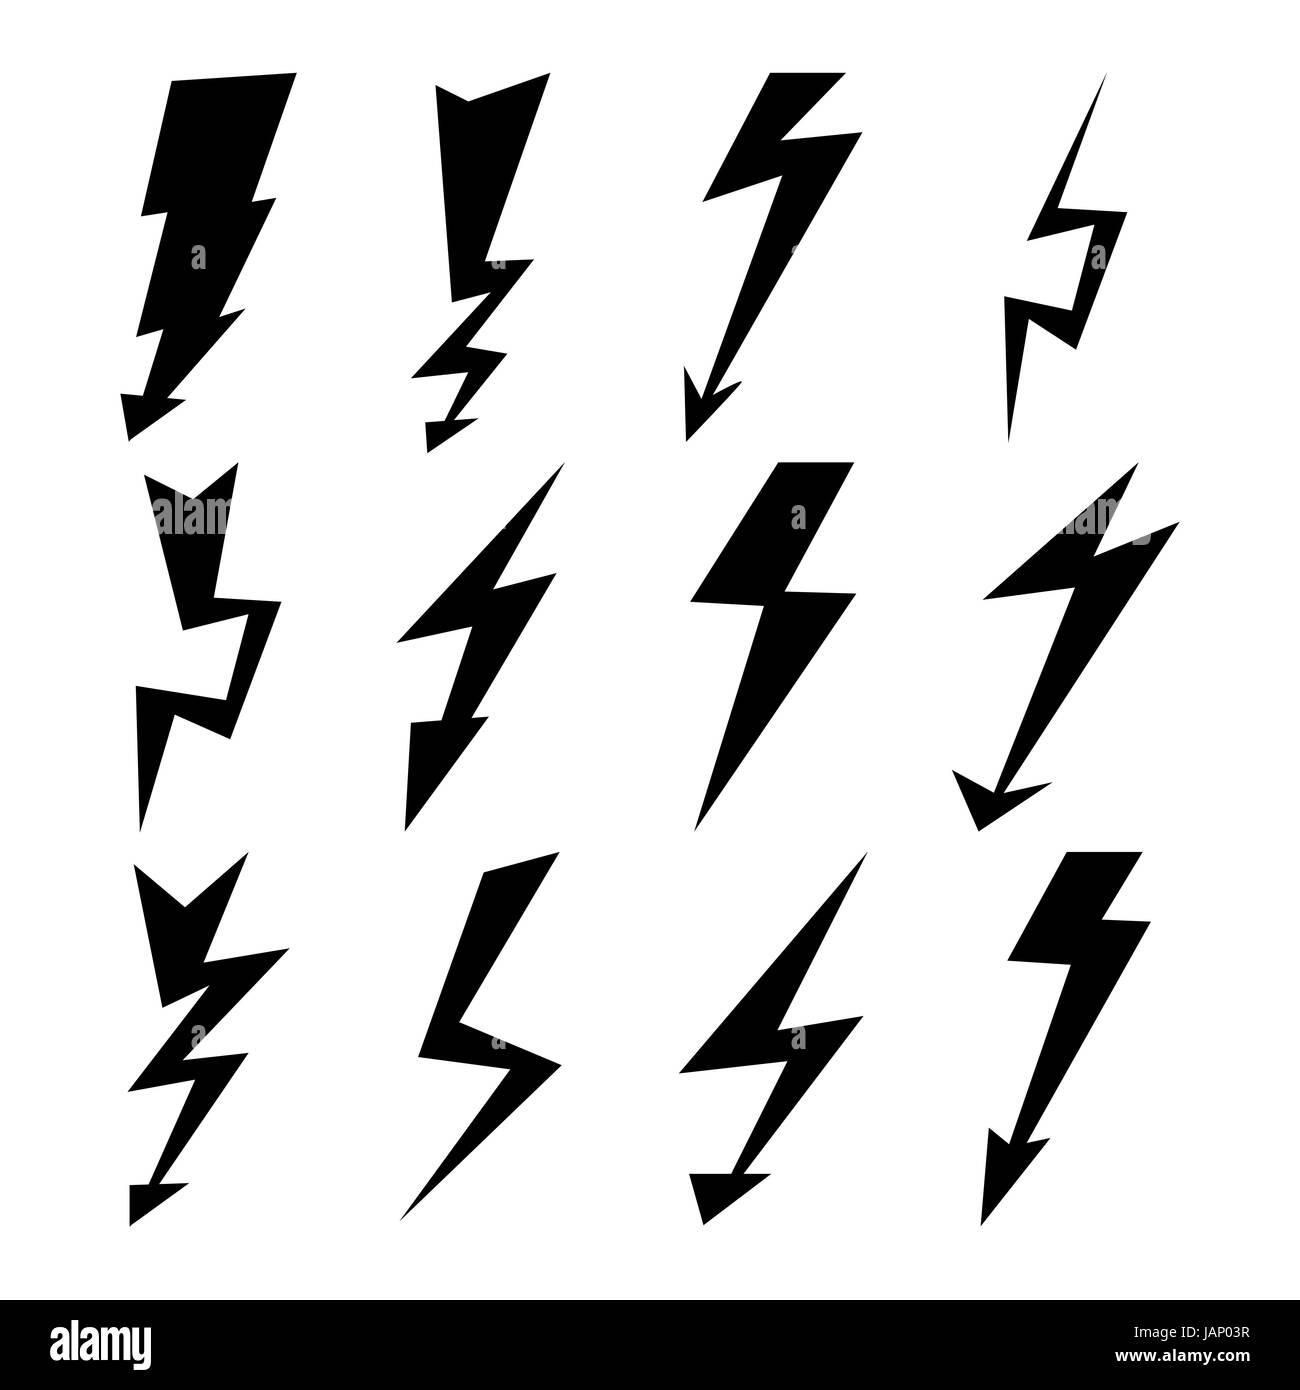 Ziemlich Grundlegende Schaltungssymbole Fotos - Der Schaltplan ...